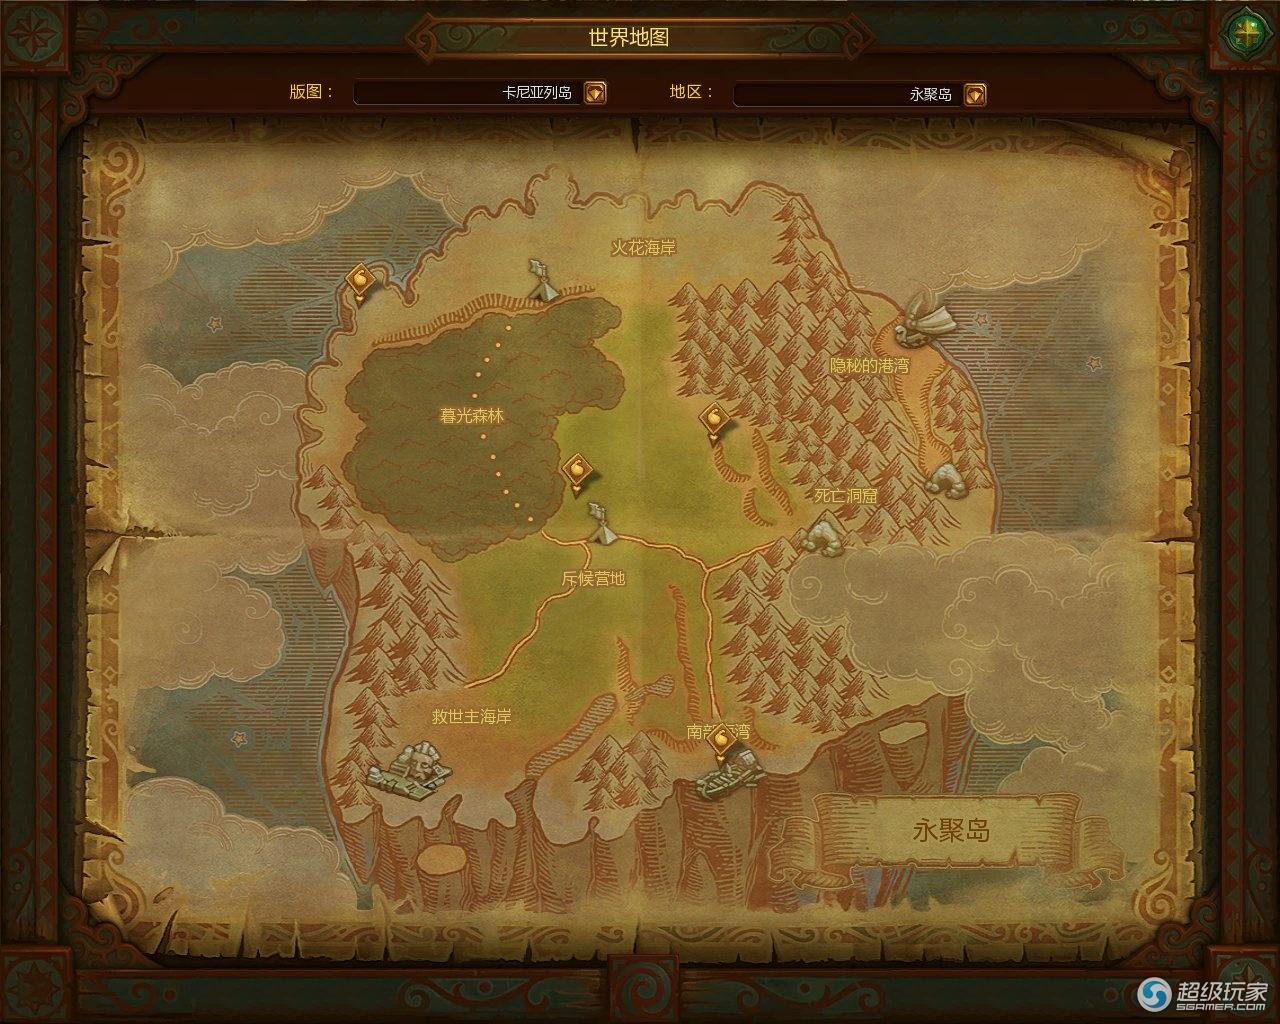 《巫师之怒》游戏资料-游戏地图:永聚岛